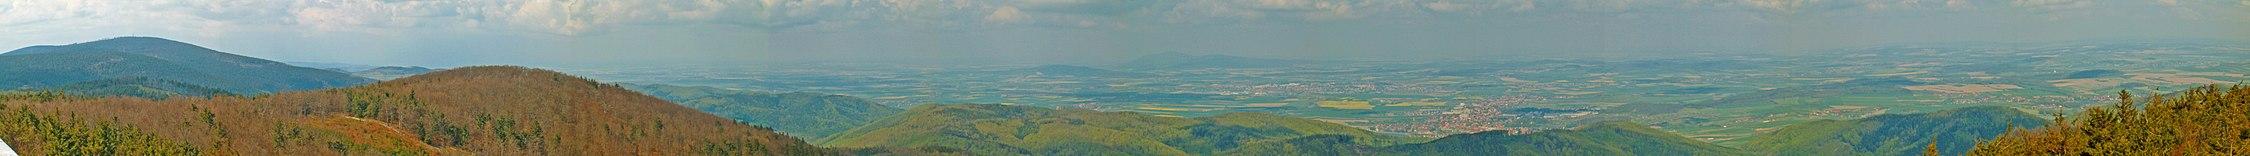 Widok z Kalenicy na przedgórze sudeckie. Kolejno od lewej widać Wielka Sowę, w środkowej części Dzierżoniów, a za nim na drugim planie Ślęża, dalej w kierunku wschodnim dobrze widoczne jest miasto Bielawa.